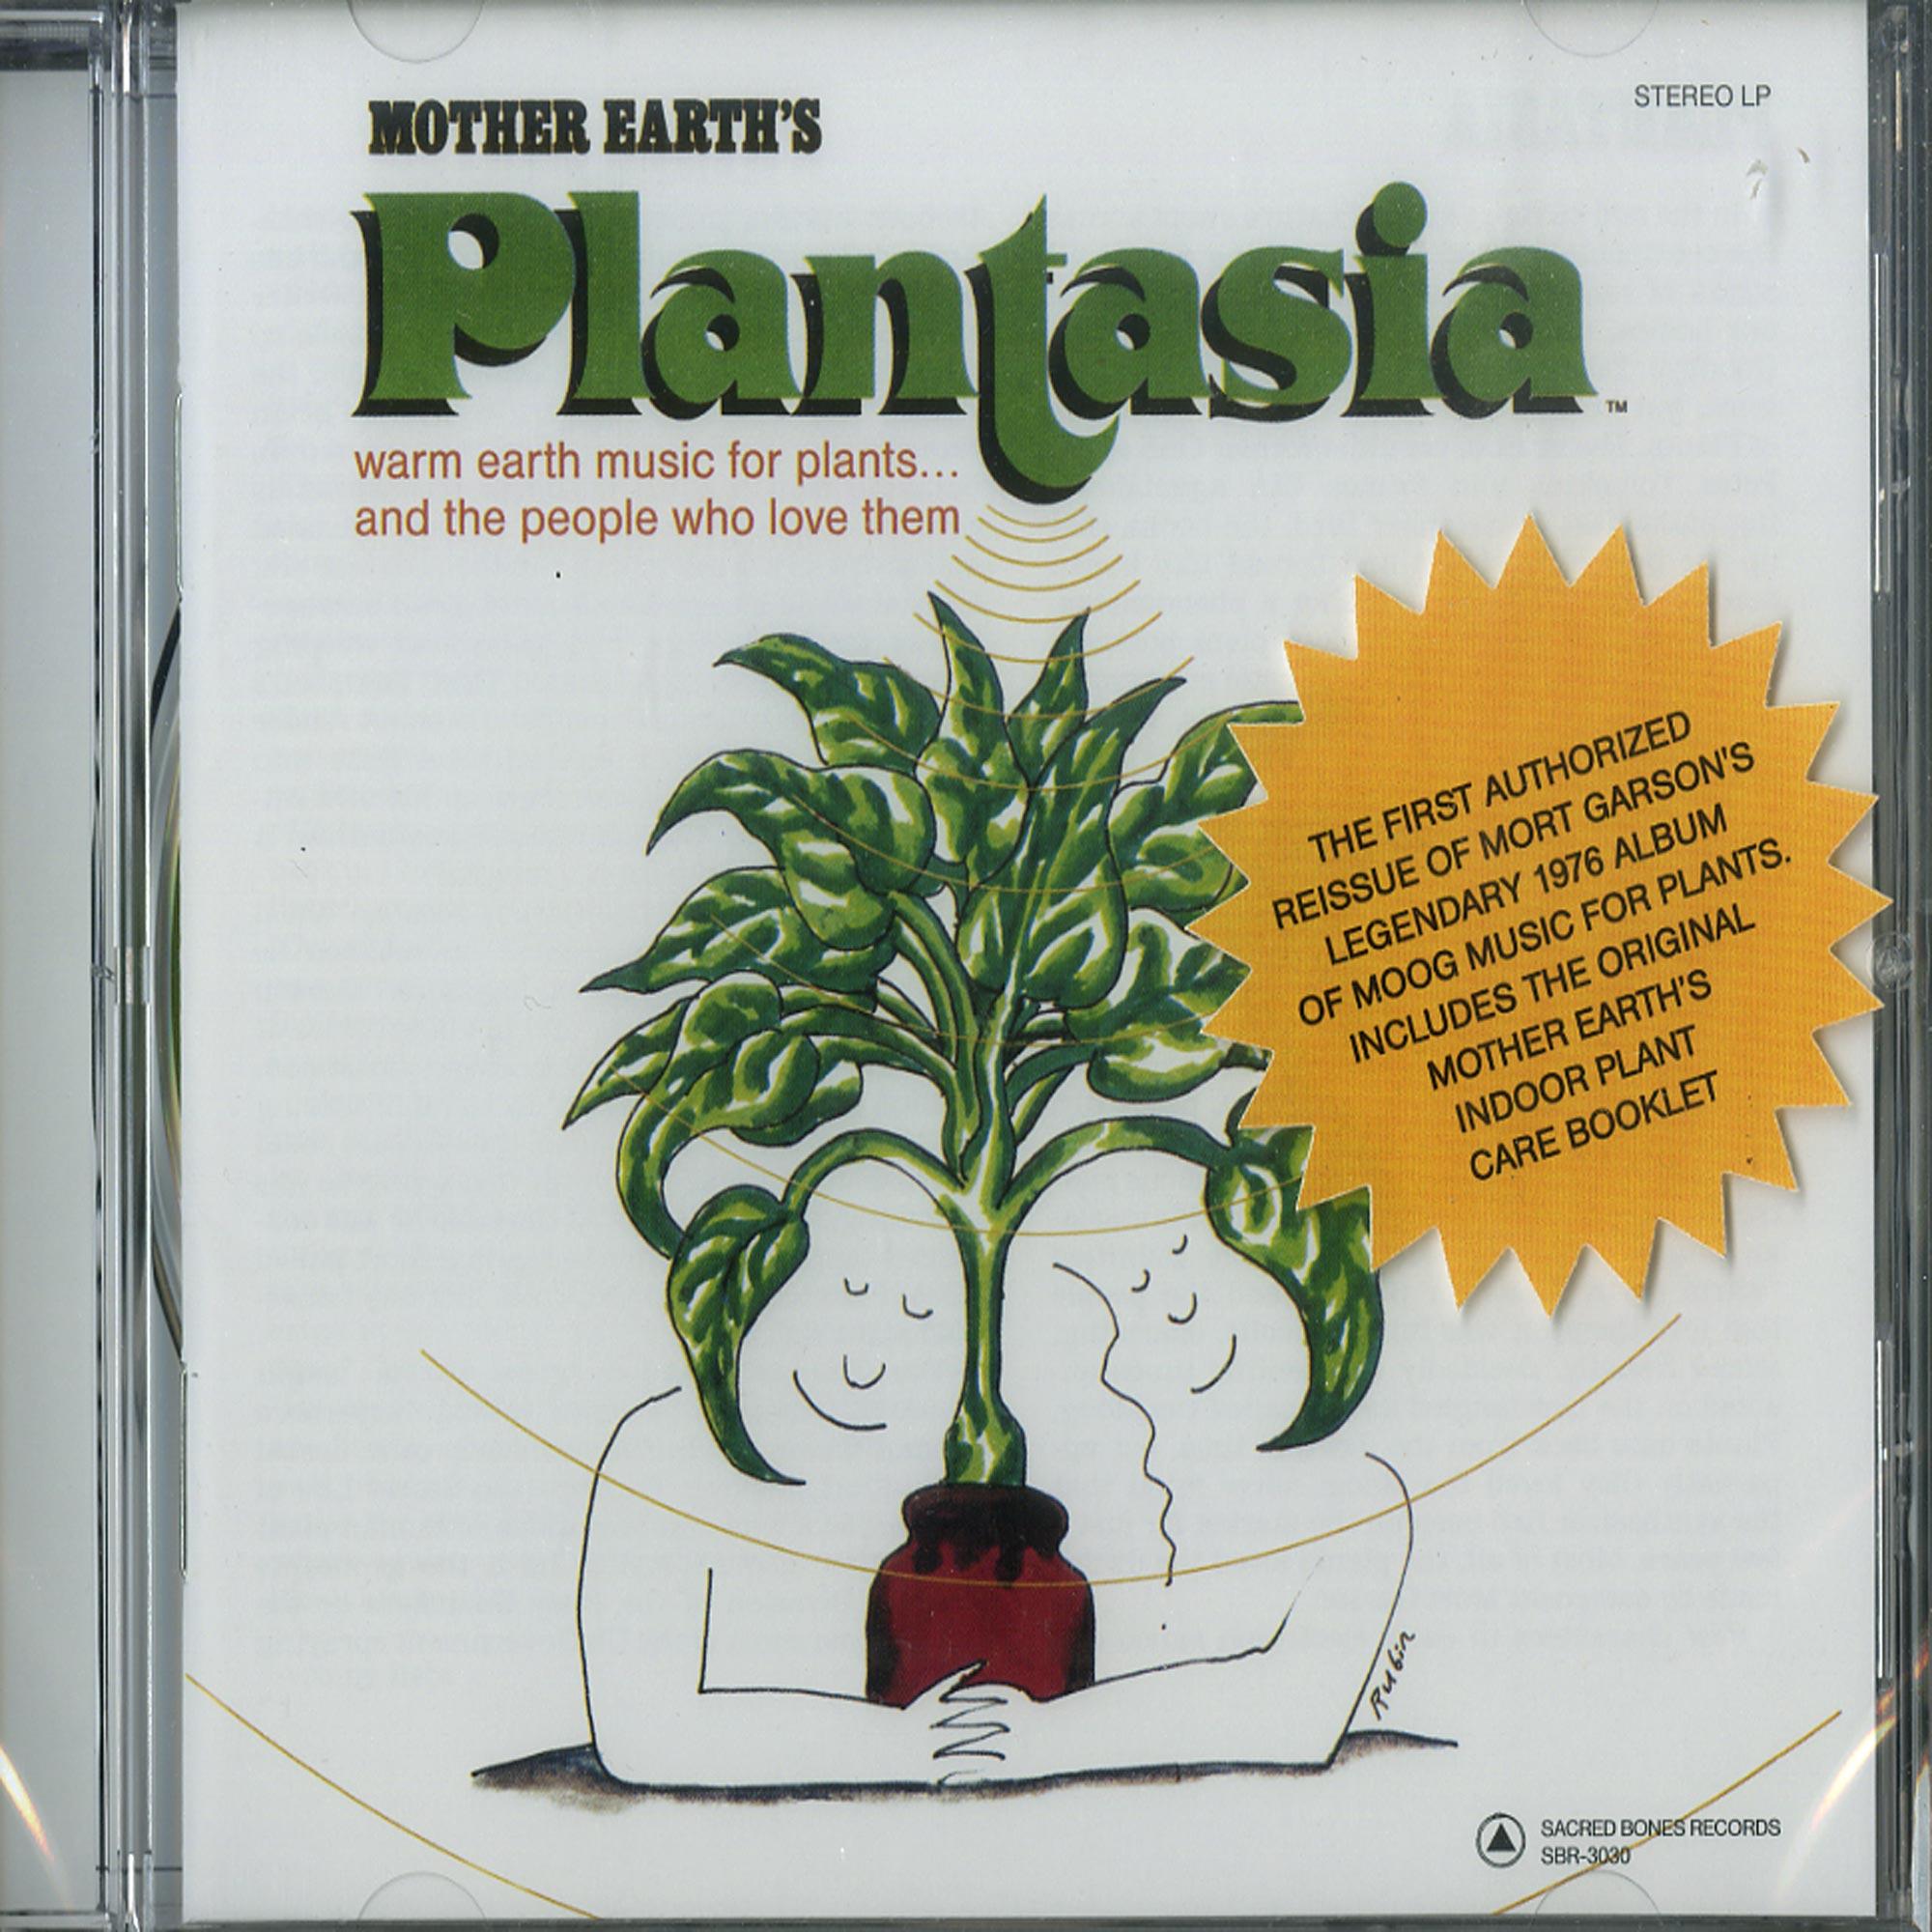 Mort Garson - MOTHER EARTHS PLANTASIA